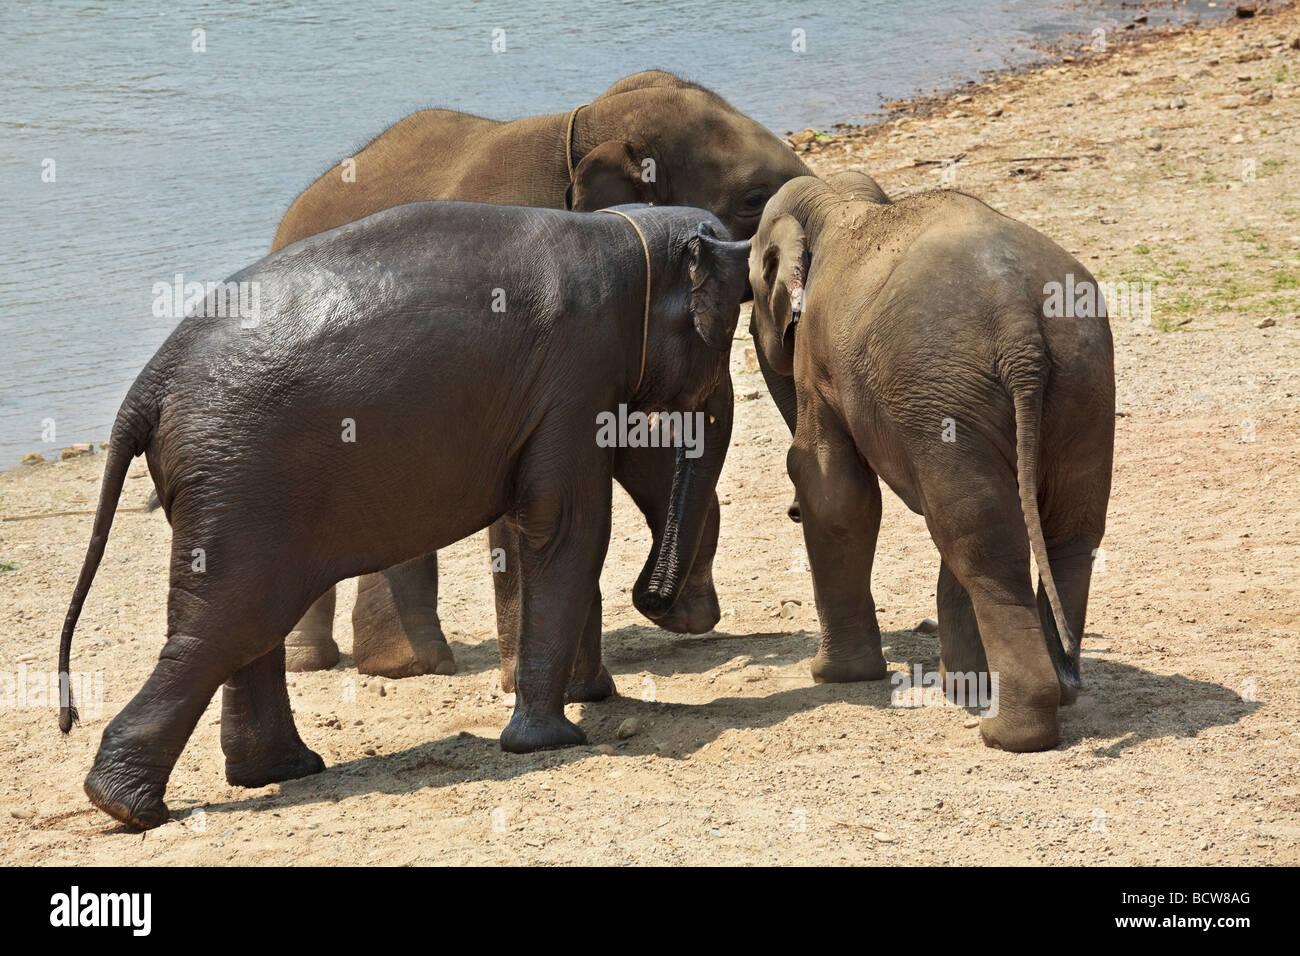 Trois éléphants adultes semble être de faire des plans à côté d'une rivière Photo Stock